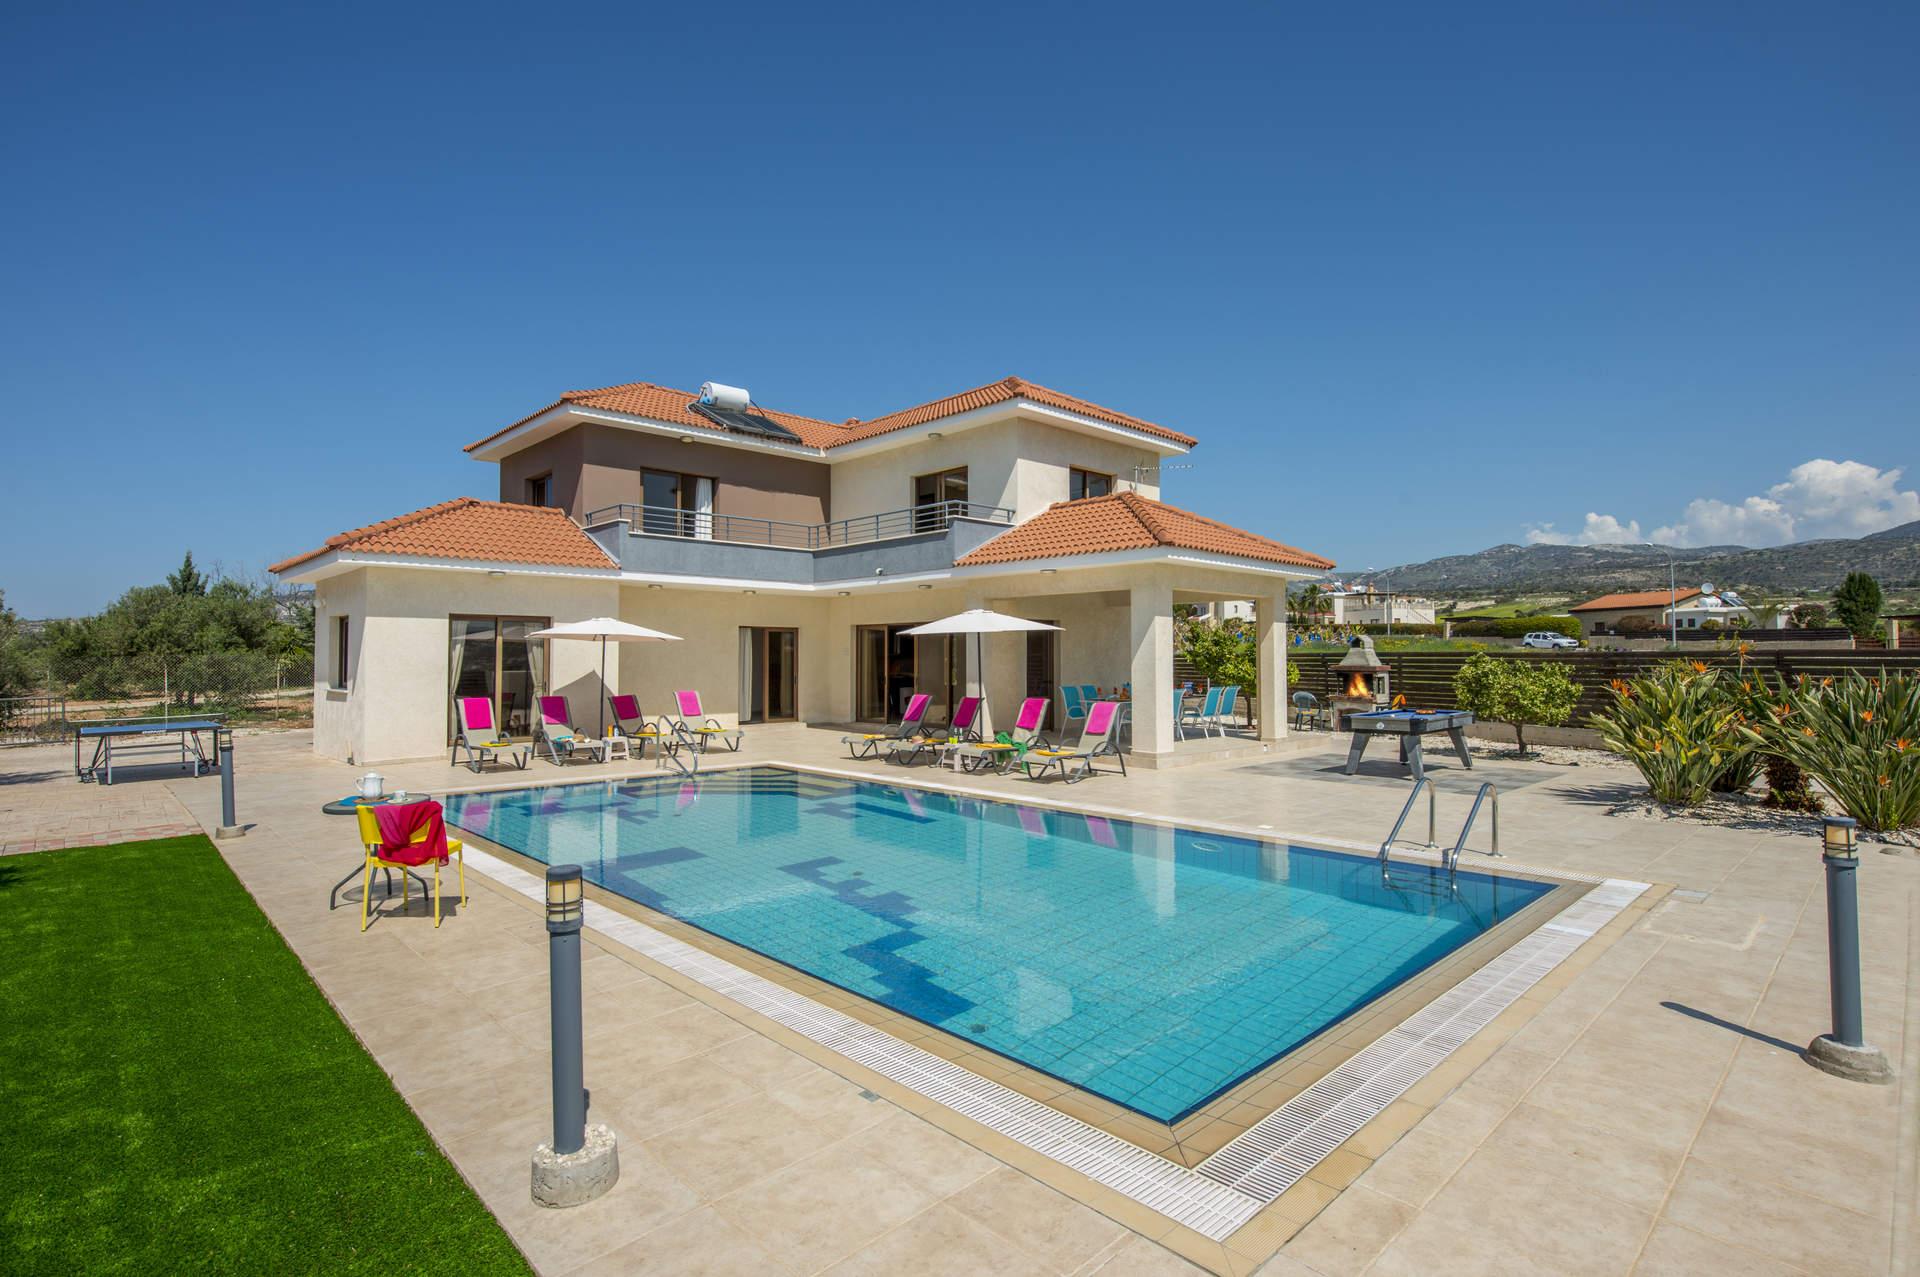 Villa Melanie, Coral Bay, Cyprus